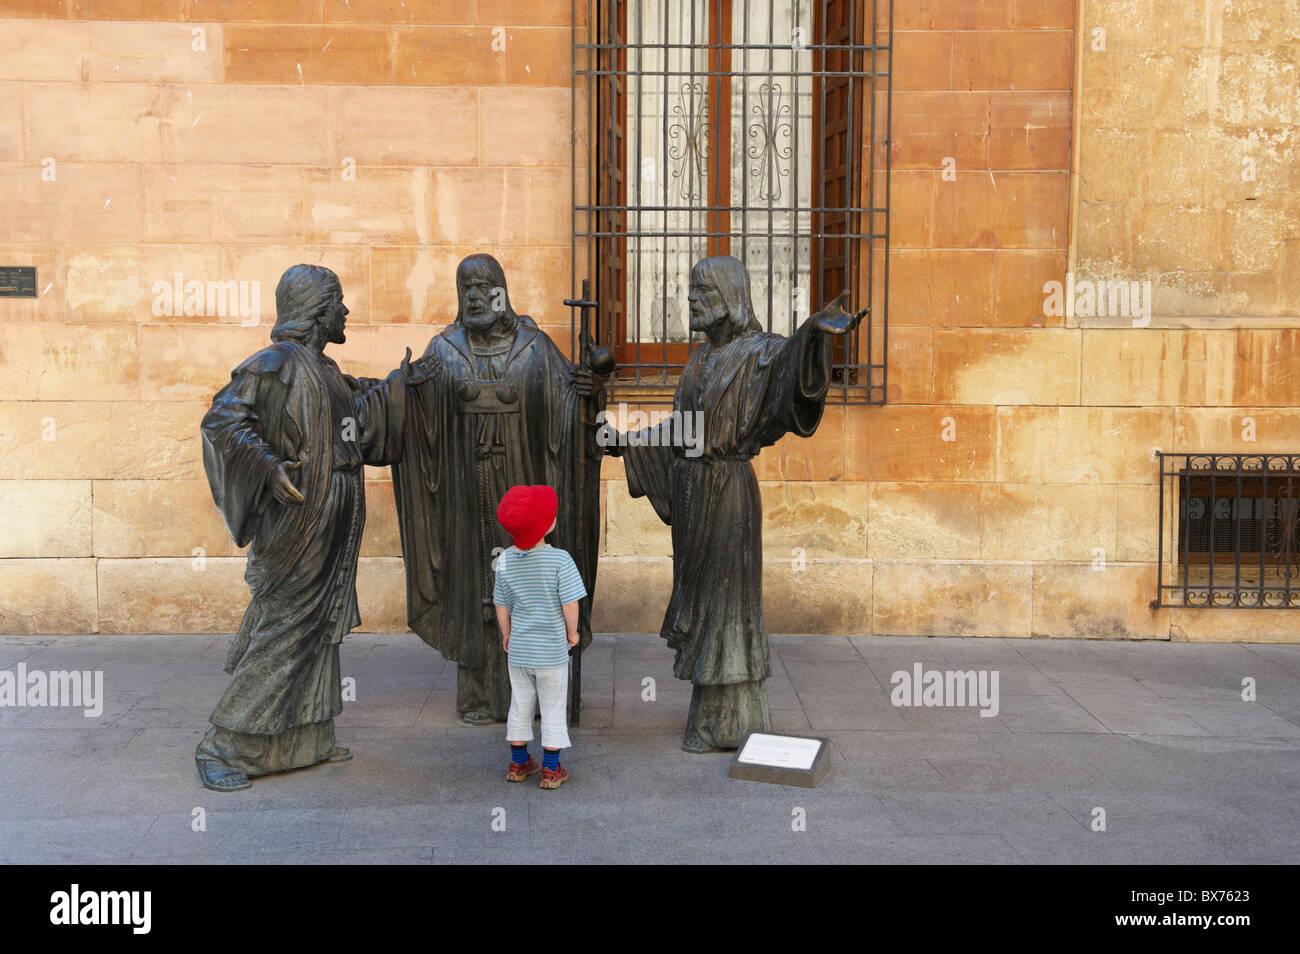 Kleiner Junge Blick auf religiöse Statuen in historischen Platz Stockbild